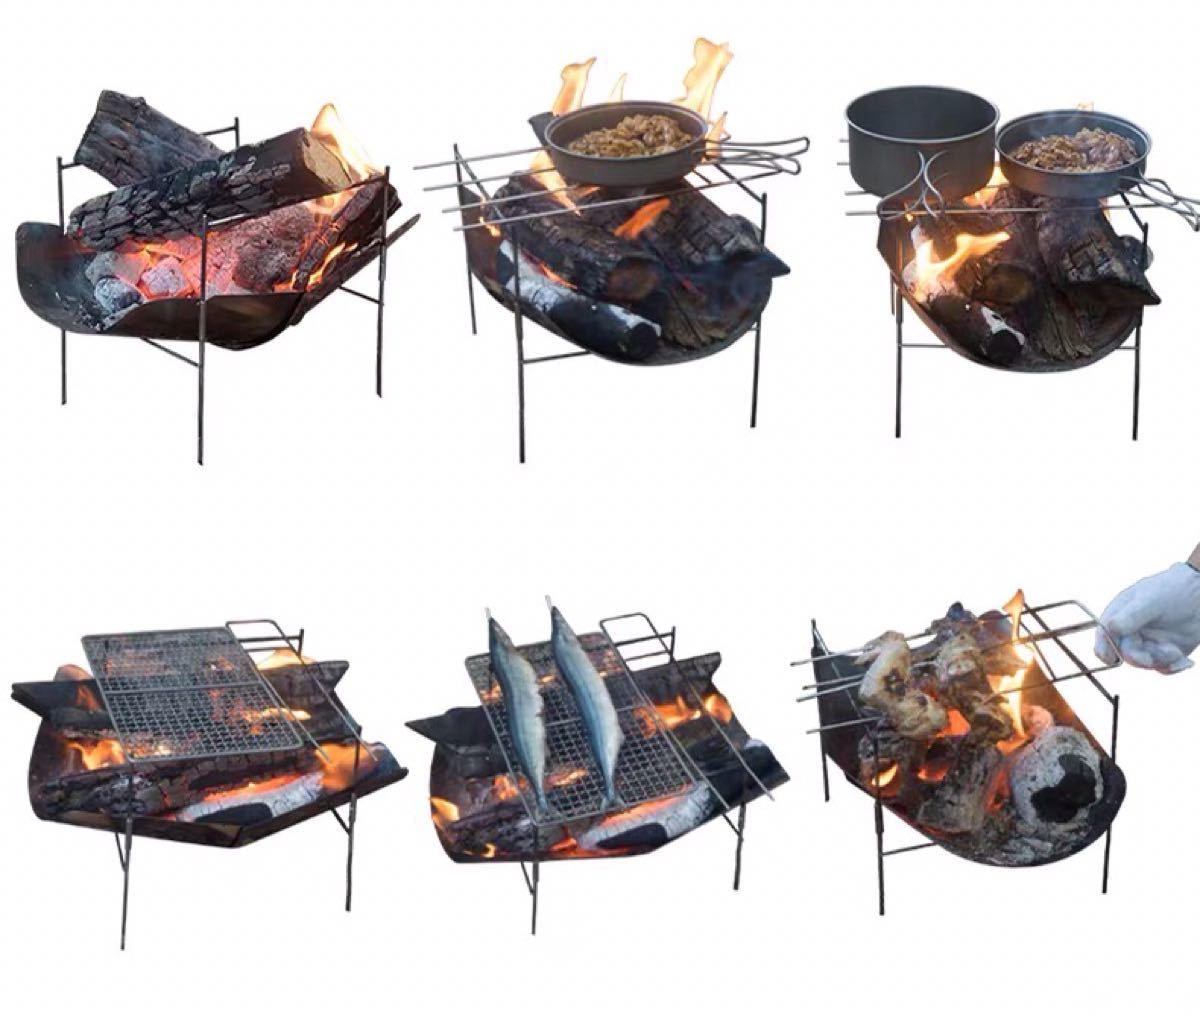 焚き火台 頑丈 キャンプ用品 スピット2本付属 バーベキューコンロ 焚火台